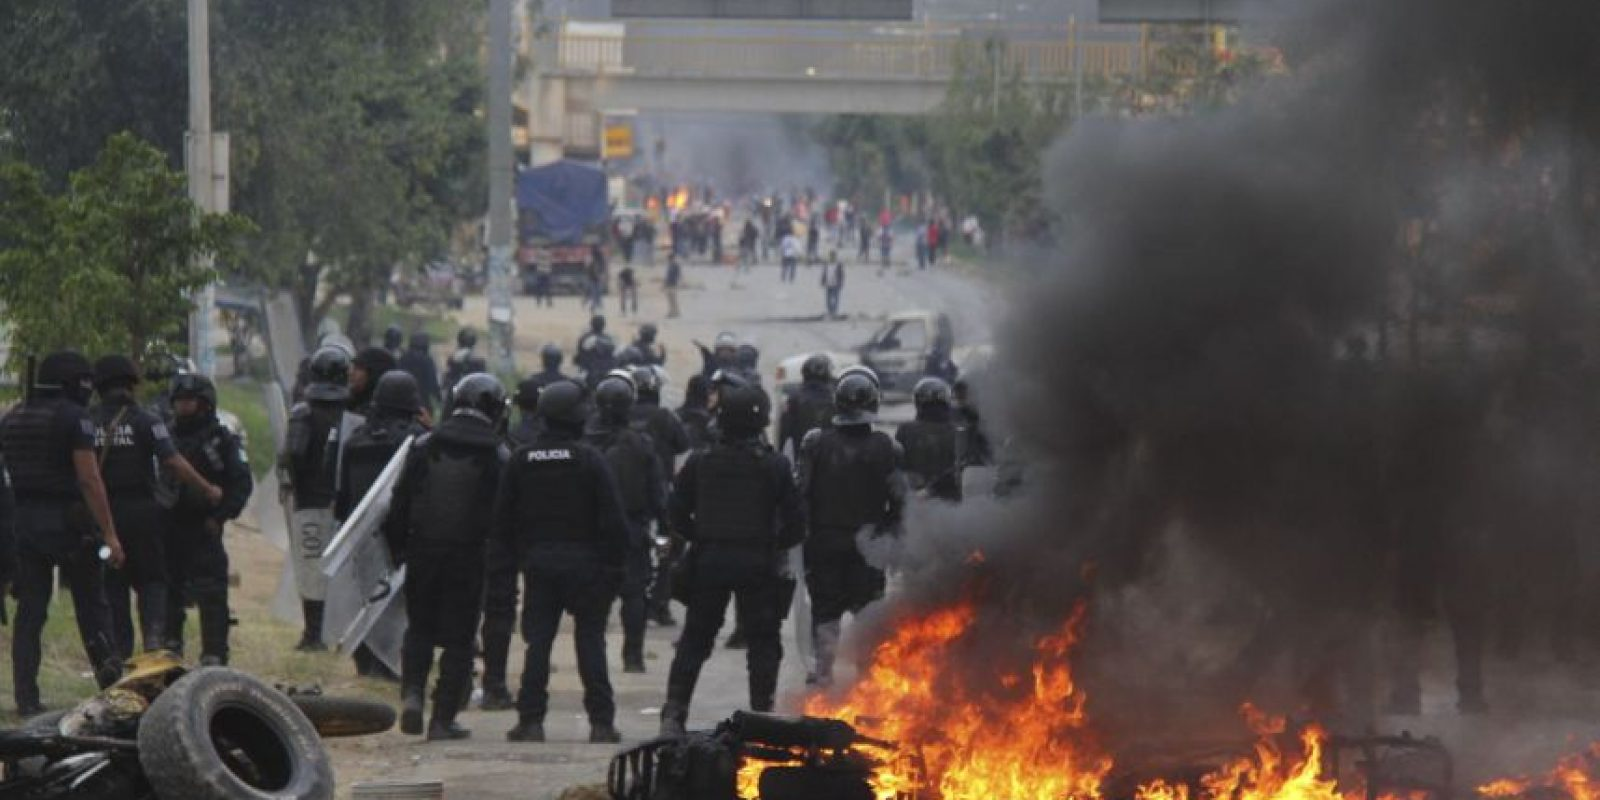 Las autoridades federales dijeron que grupos radicales provocaron la agresión en Nochixtlán, Oaxaca Foto:Cuartoscuro